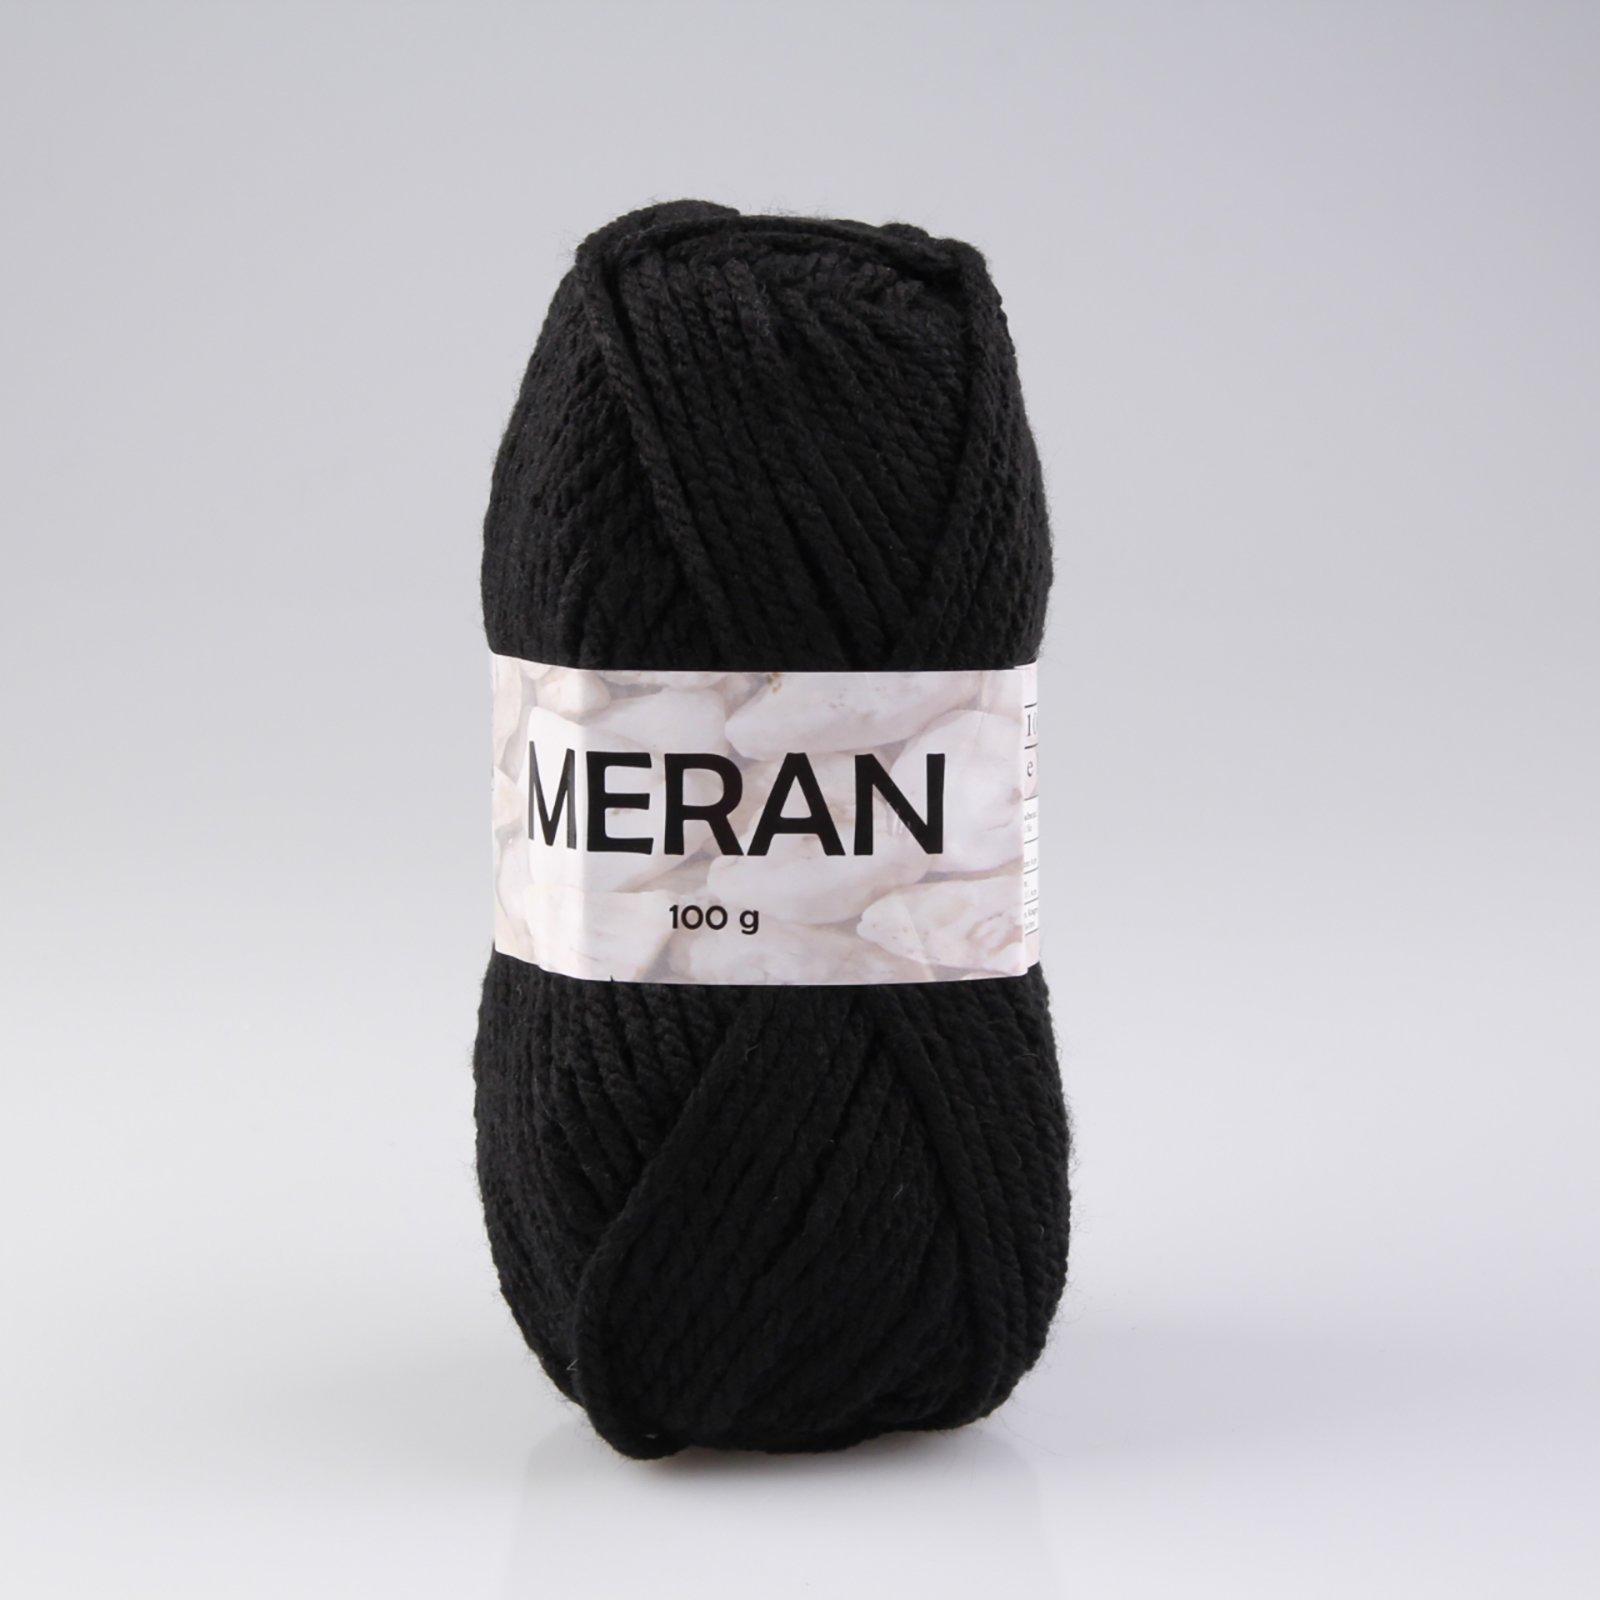 Wolle MERAN - schwarz - 100g